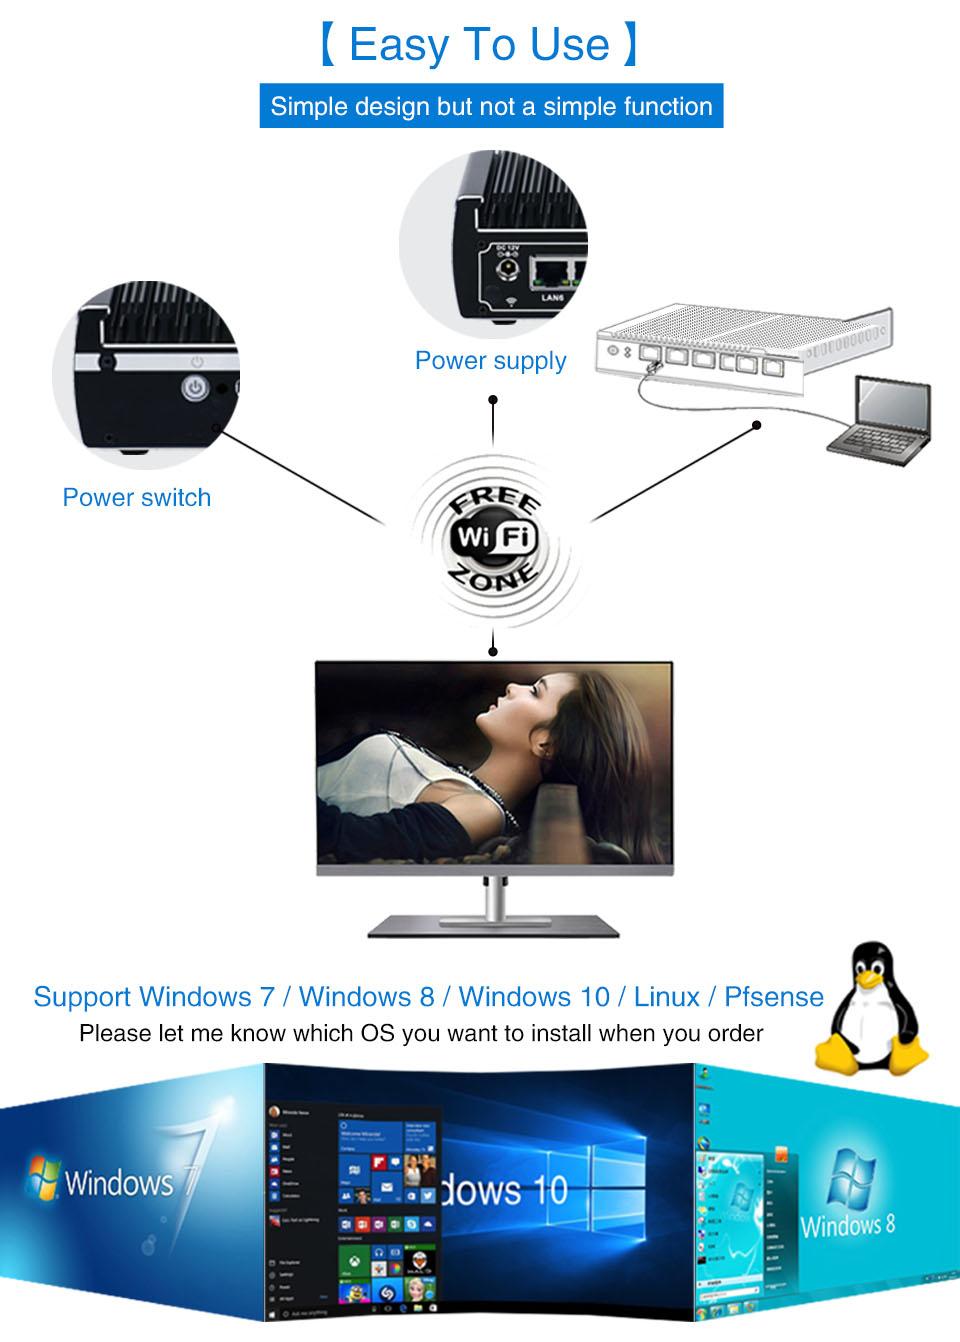 pfsense Mini PC